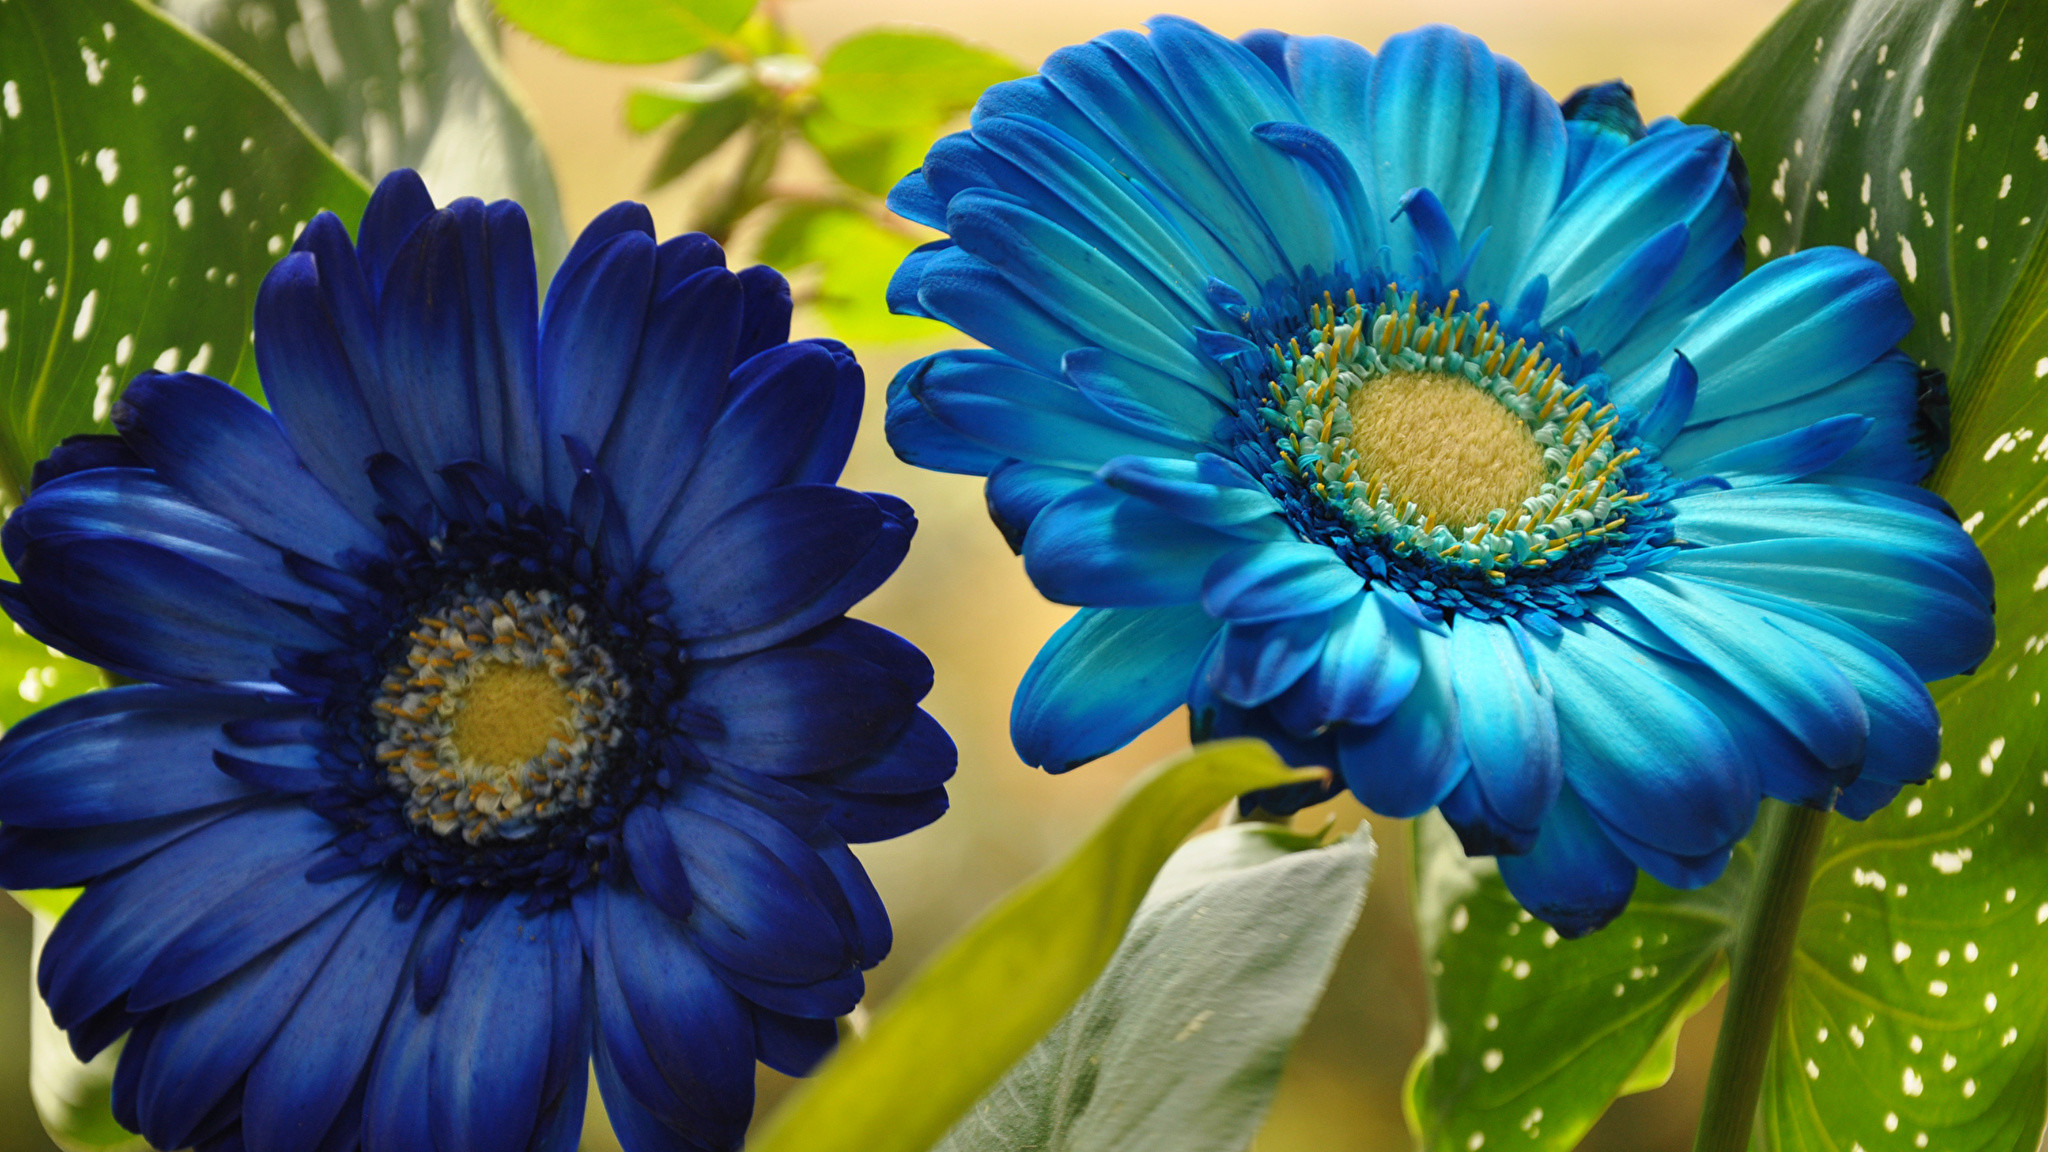 Wallpaper 2 Blue Gerberas Light Blue Flowers Closeup Two